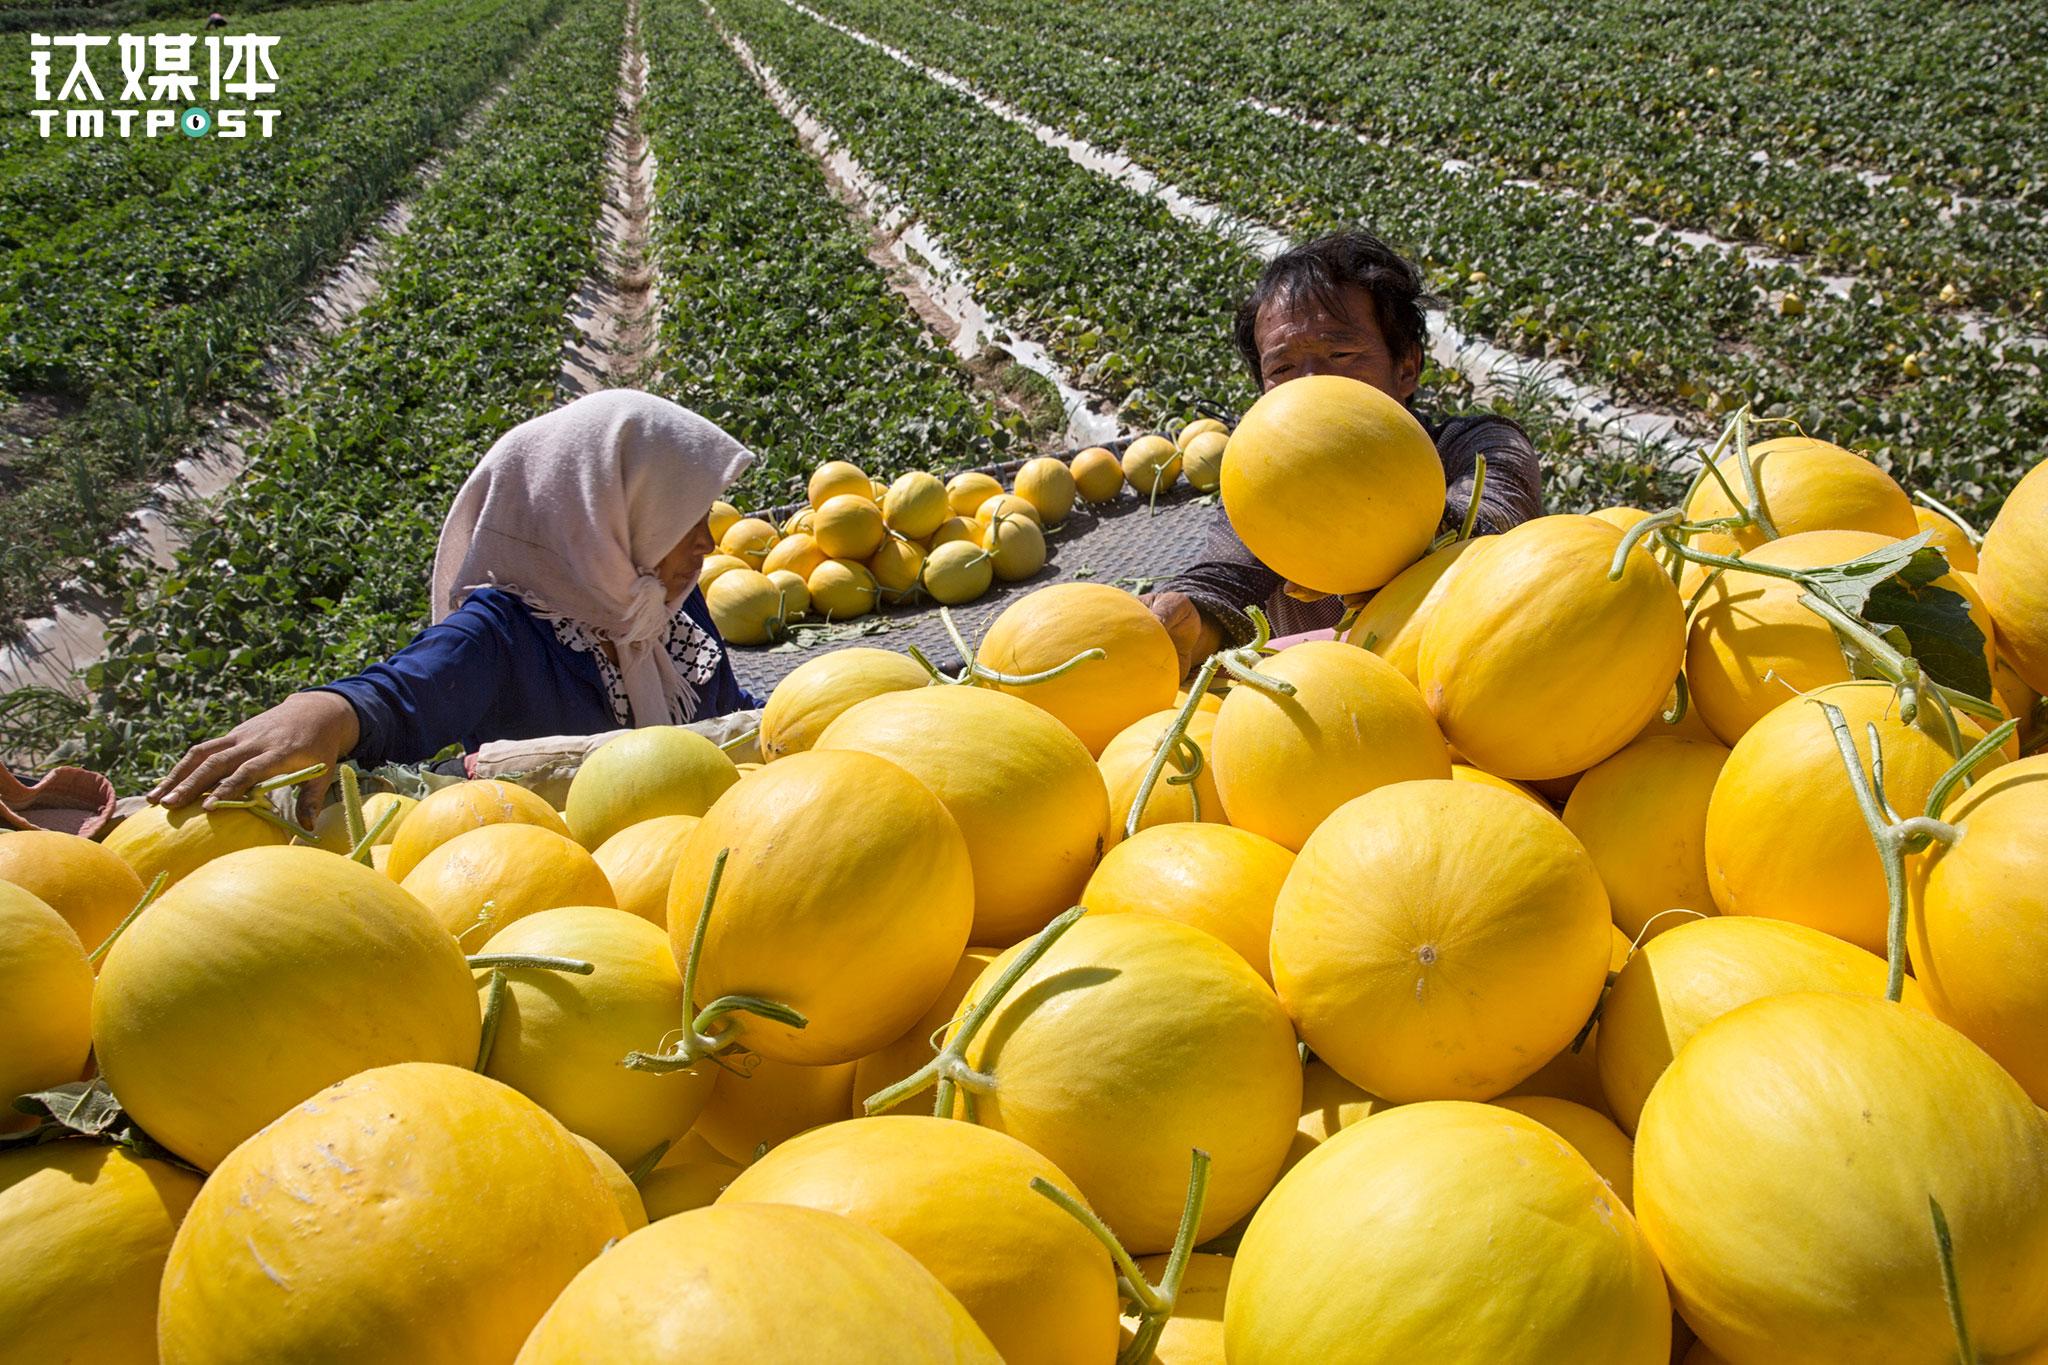 2017年7月16日,一对夫妇从地里收摘金红宝蜜瓜。金红宝和西州蜜是这里农民赖以生存的主要作物,每年夏天全国各地的批发商会来到民勤收瓜,这也是当地农民最忙的季节。当地批发的瓜价一般在7~8毛每斤,今年受南方水灾等影响,瓜价跌到3~4毛左右,在一线城市的水果店,这类瓜的售价一般在3~4元每斤。